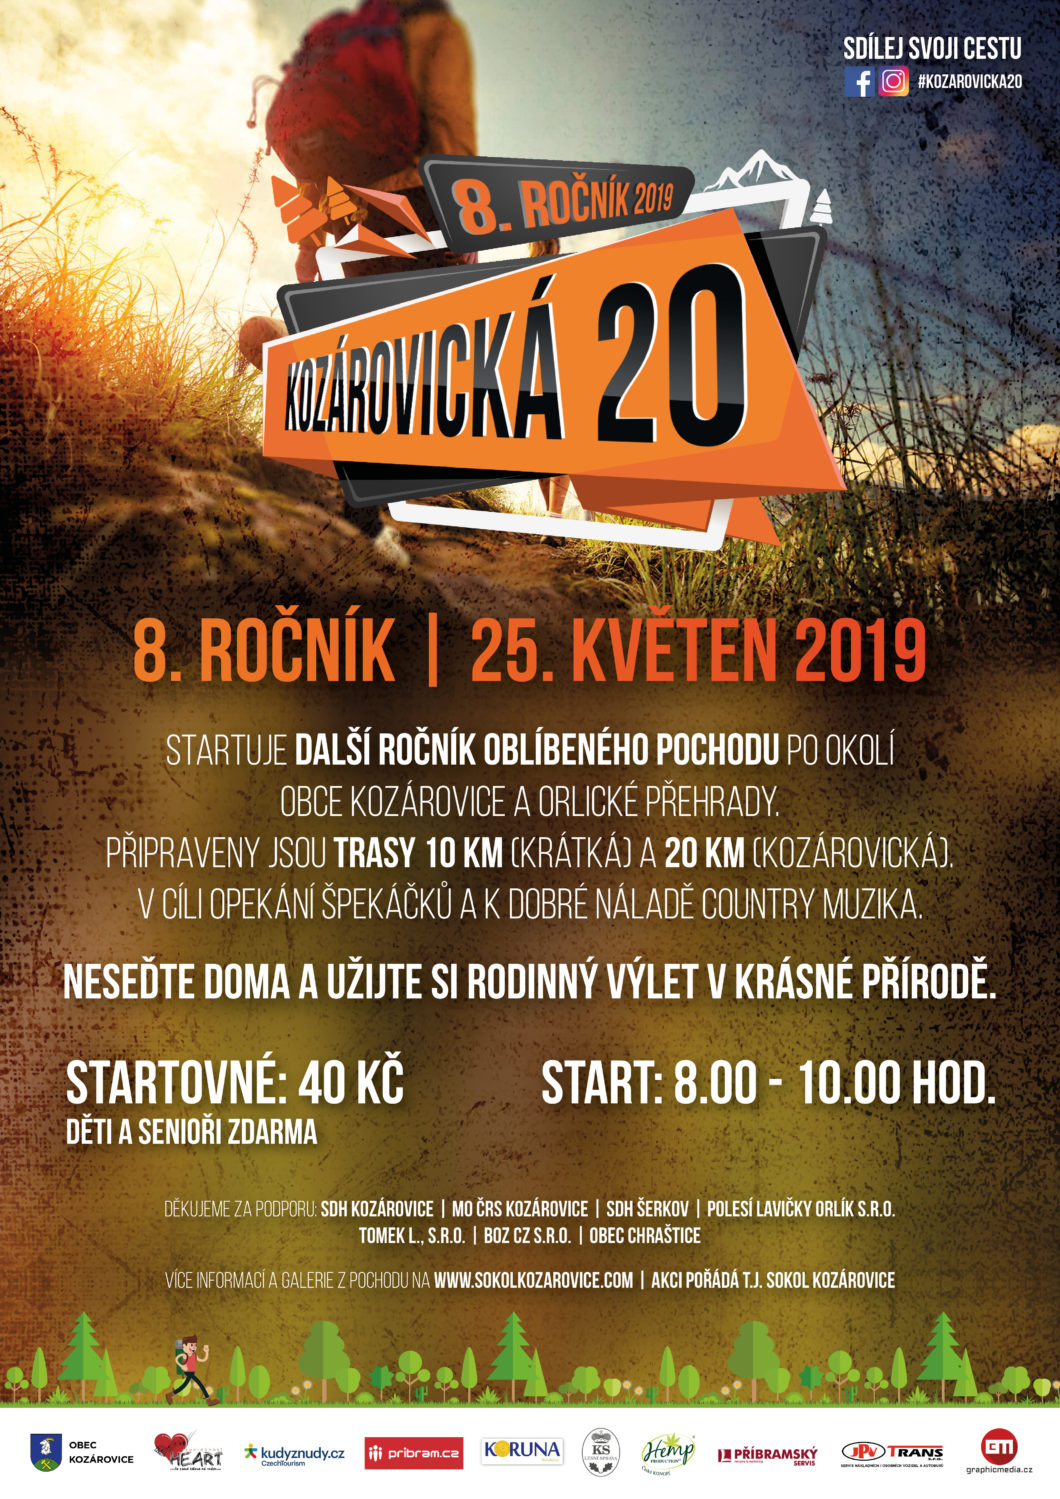 Kozárovická 20 – 25. 5. 2019